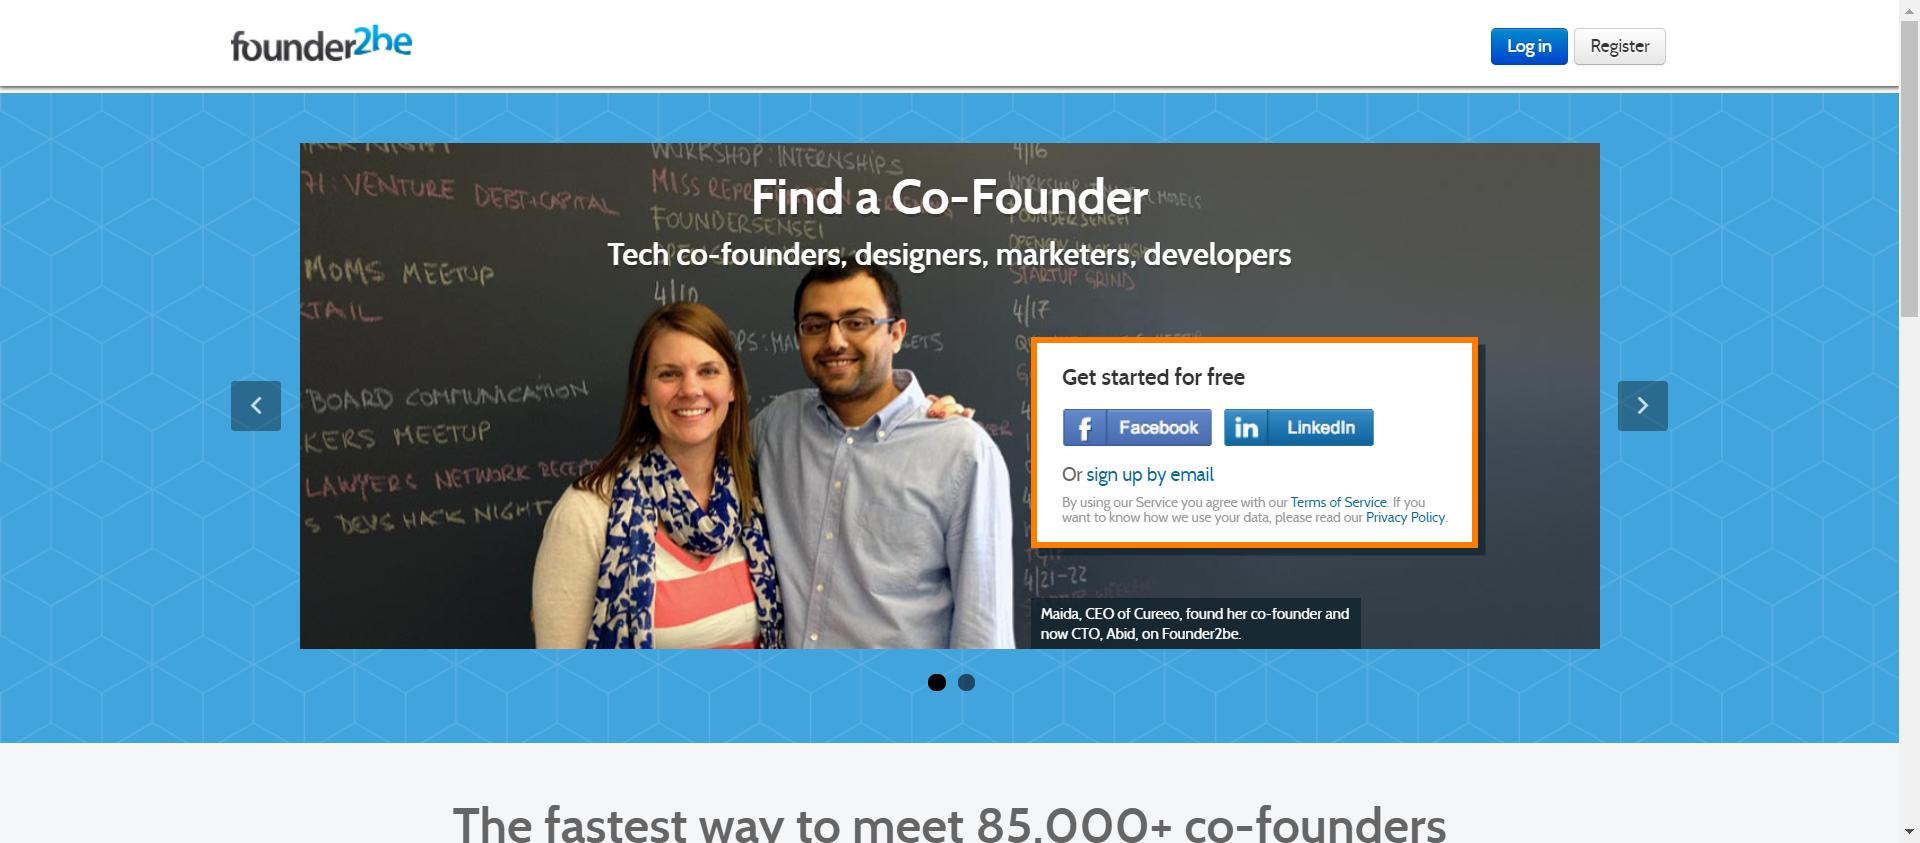 Founder2be website image